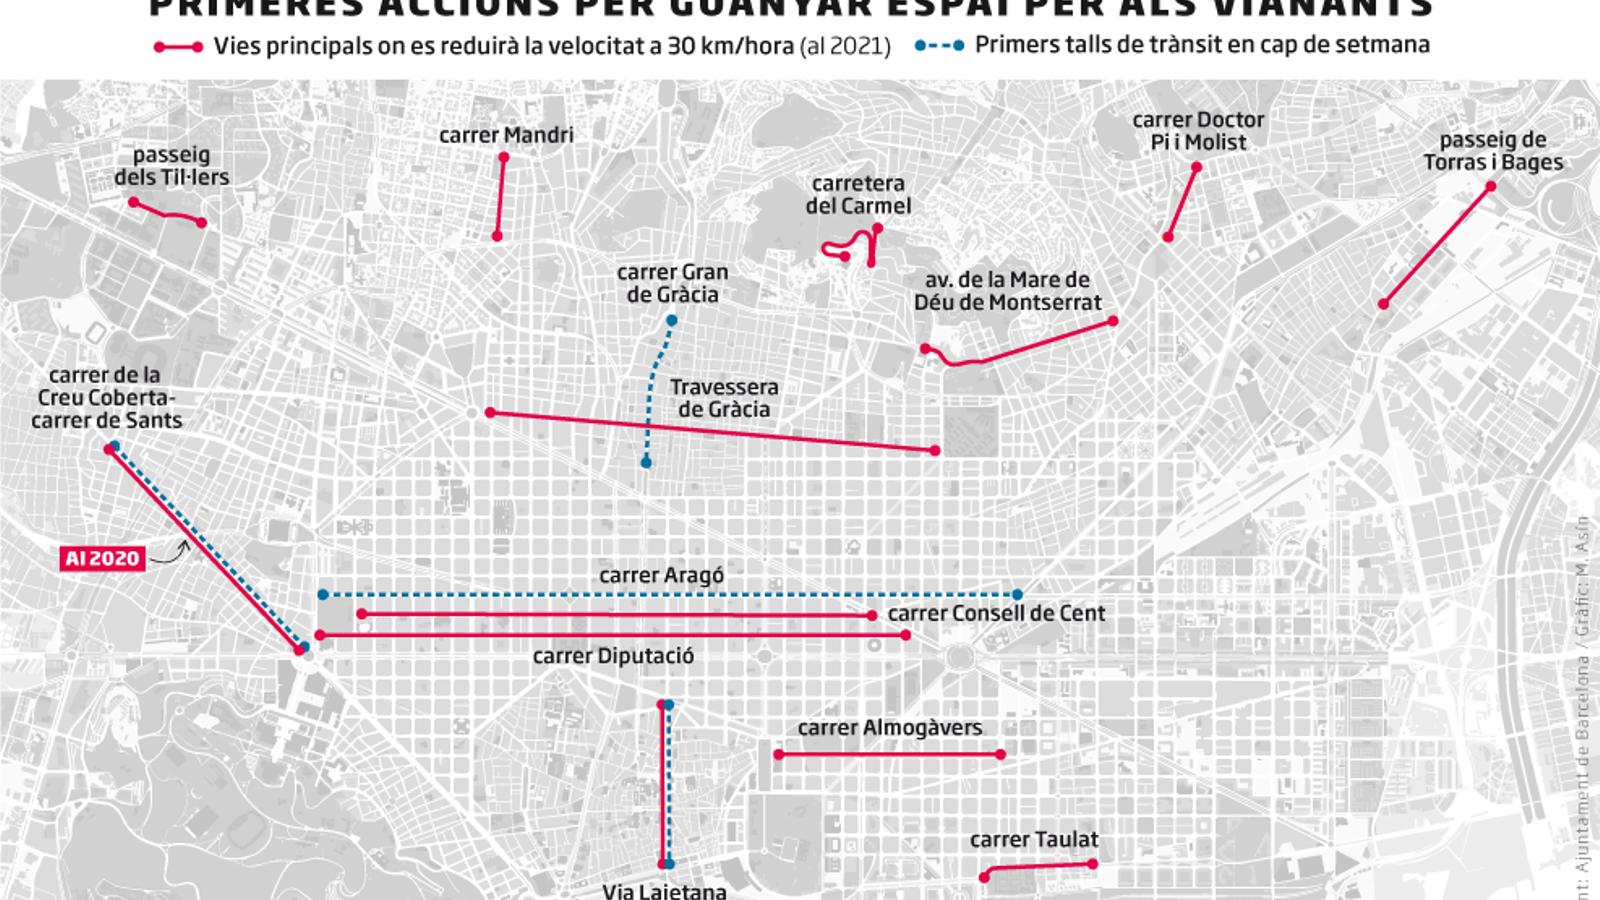 Barcelona abaixa la velocitat al cotxe per ser una ciutat 30